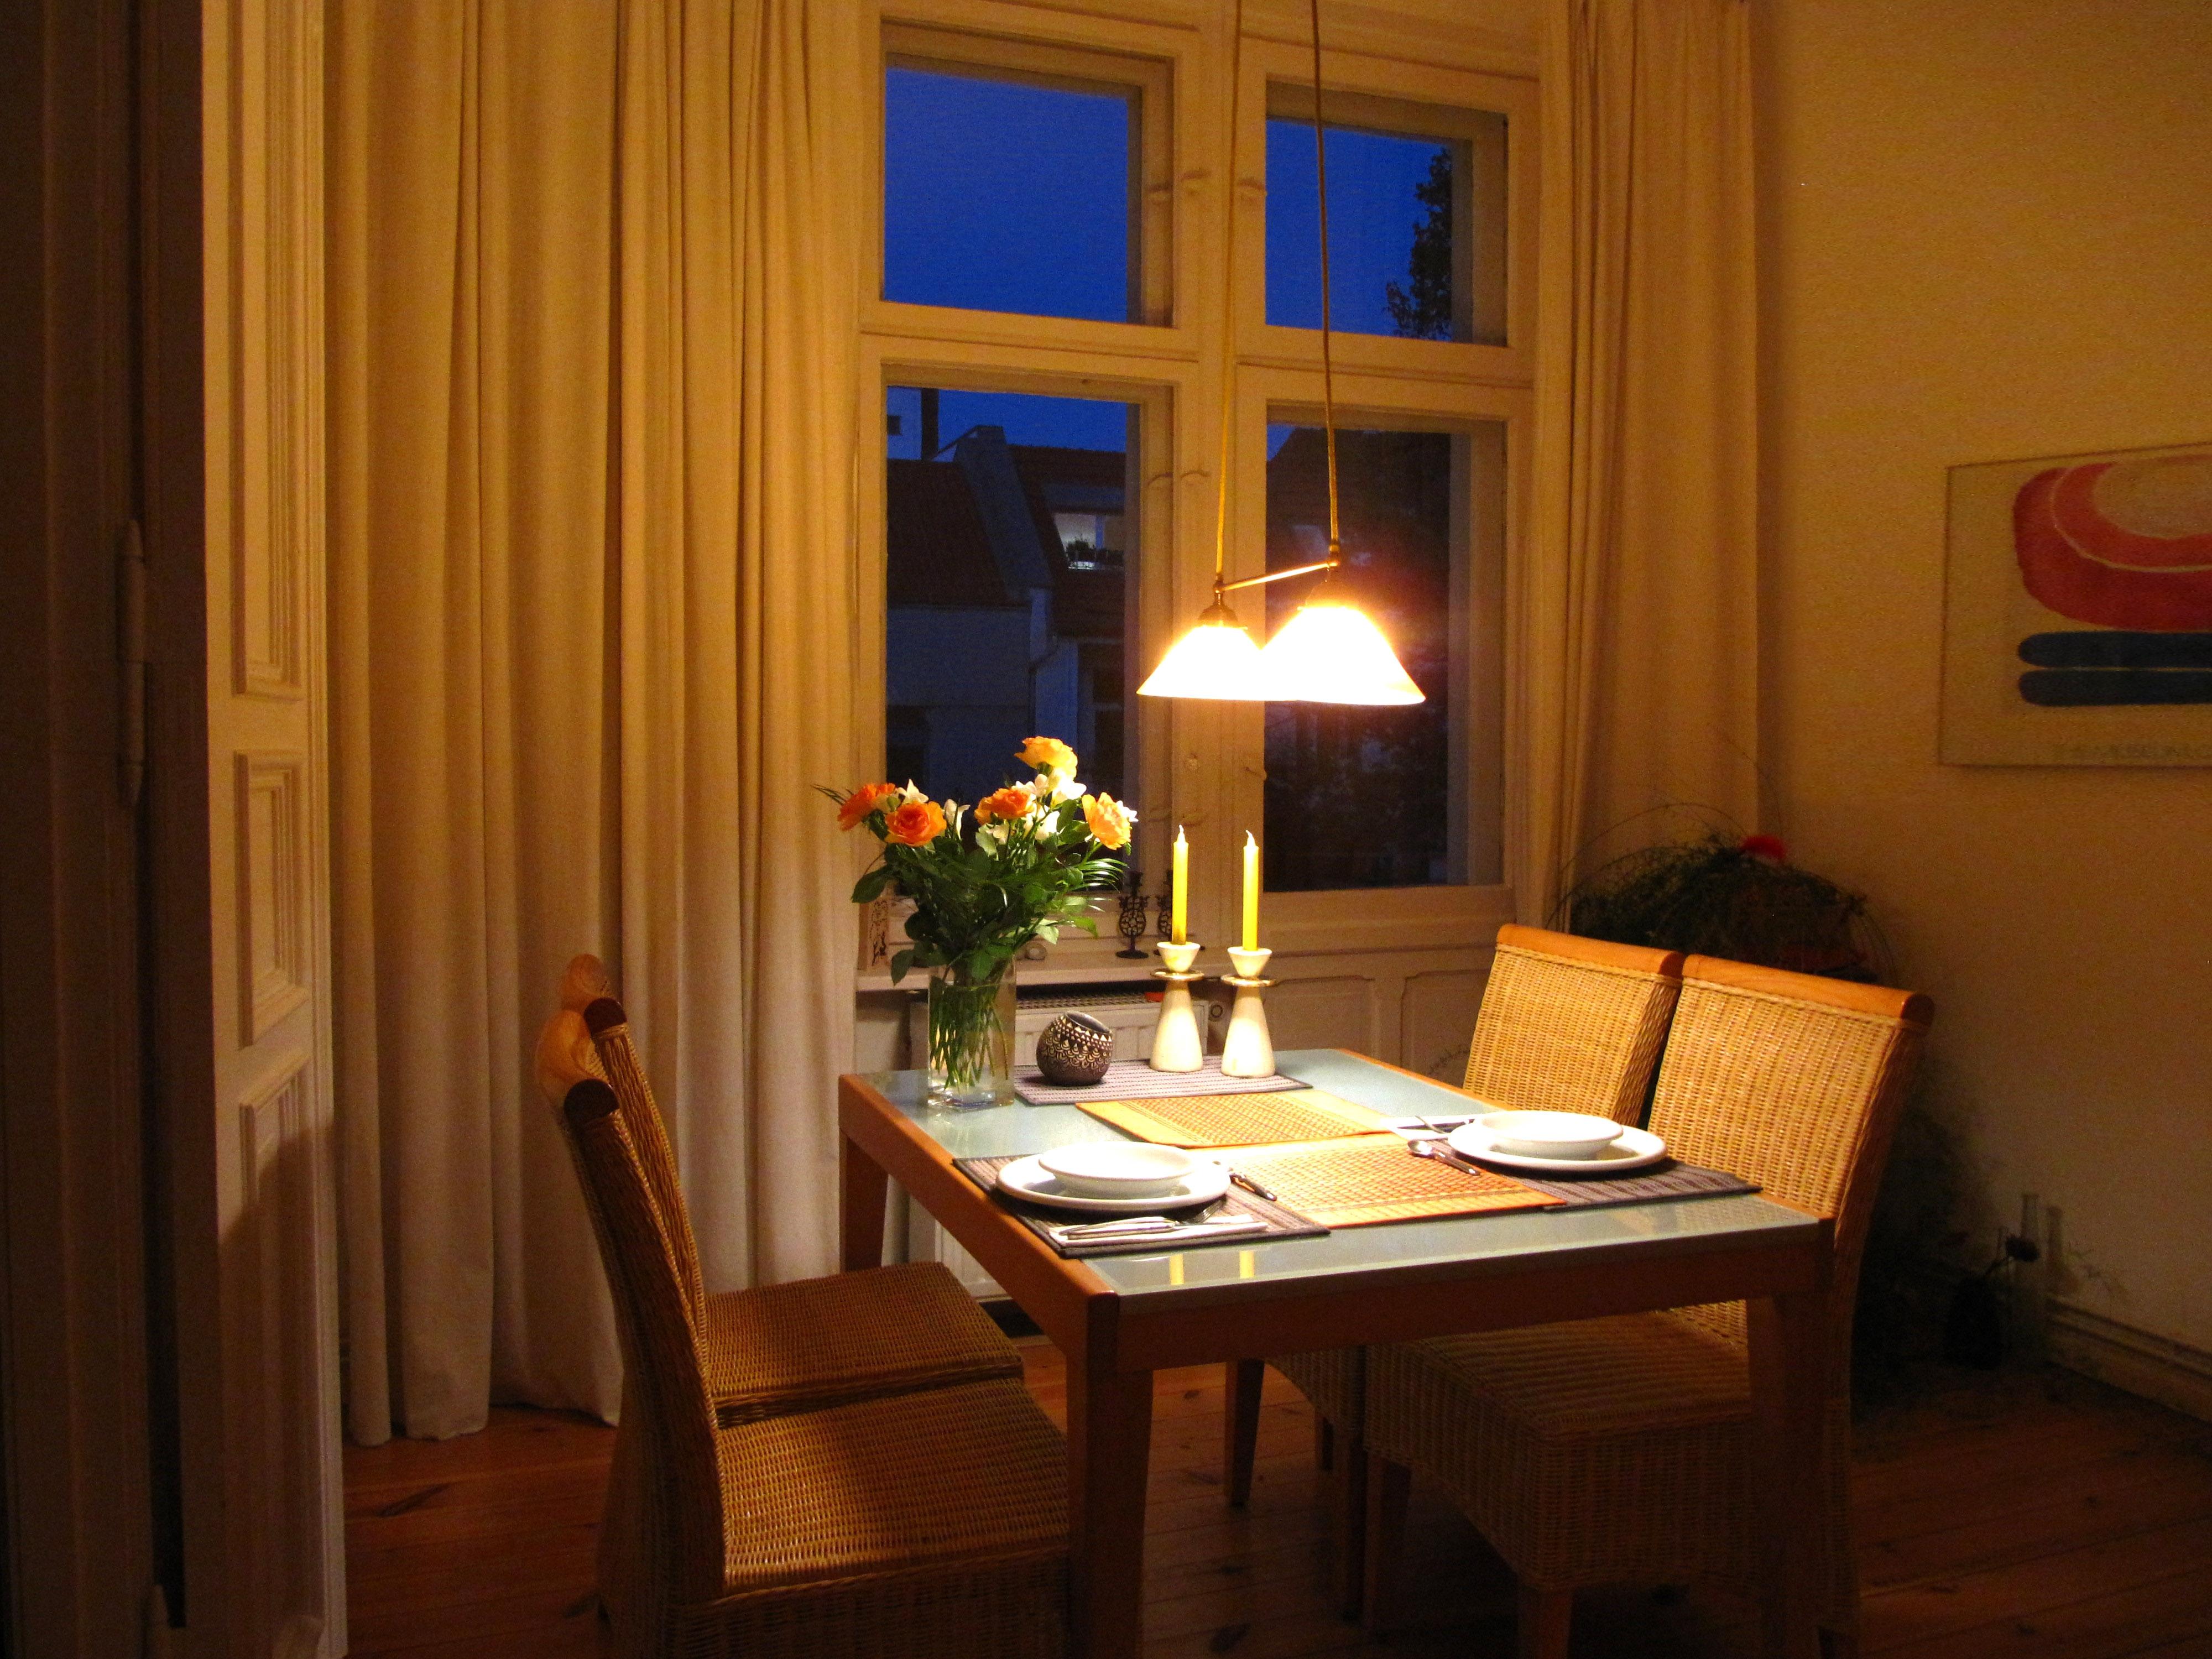 Wohnzimmerbeleuchtung online | leuchtenzentrale.de